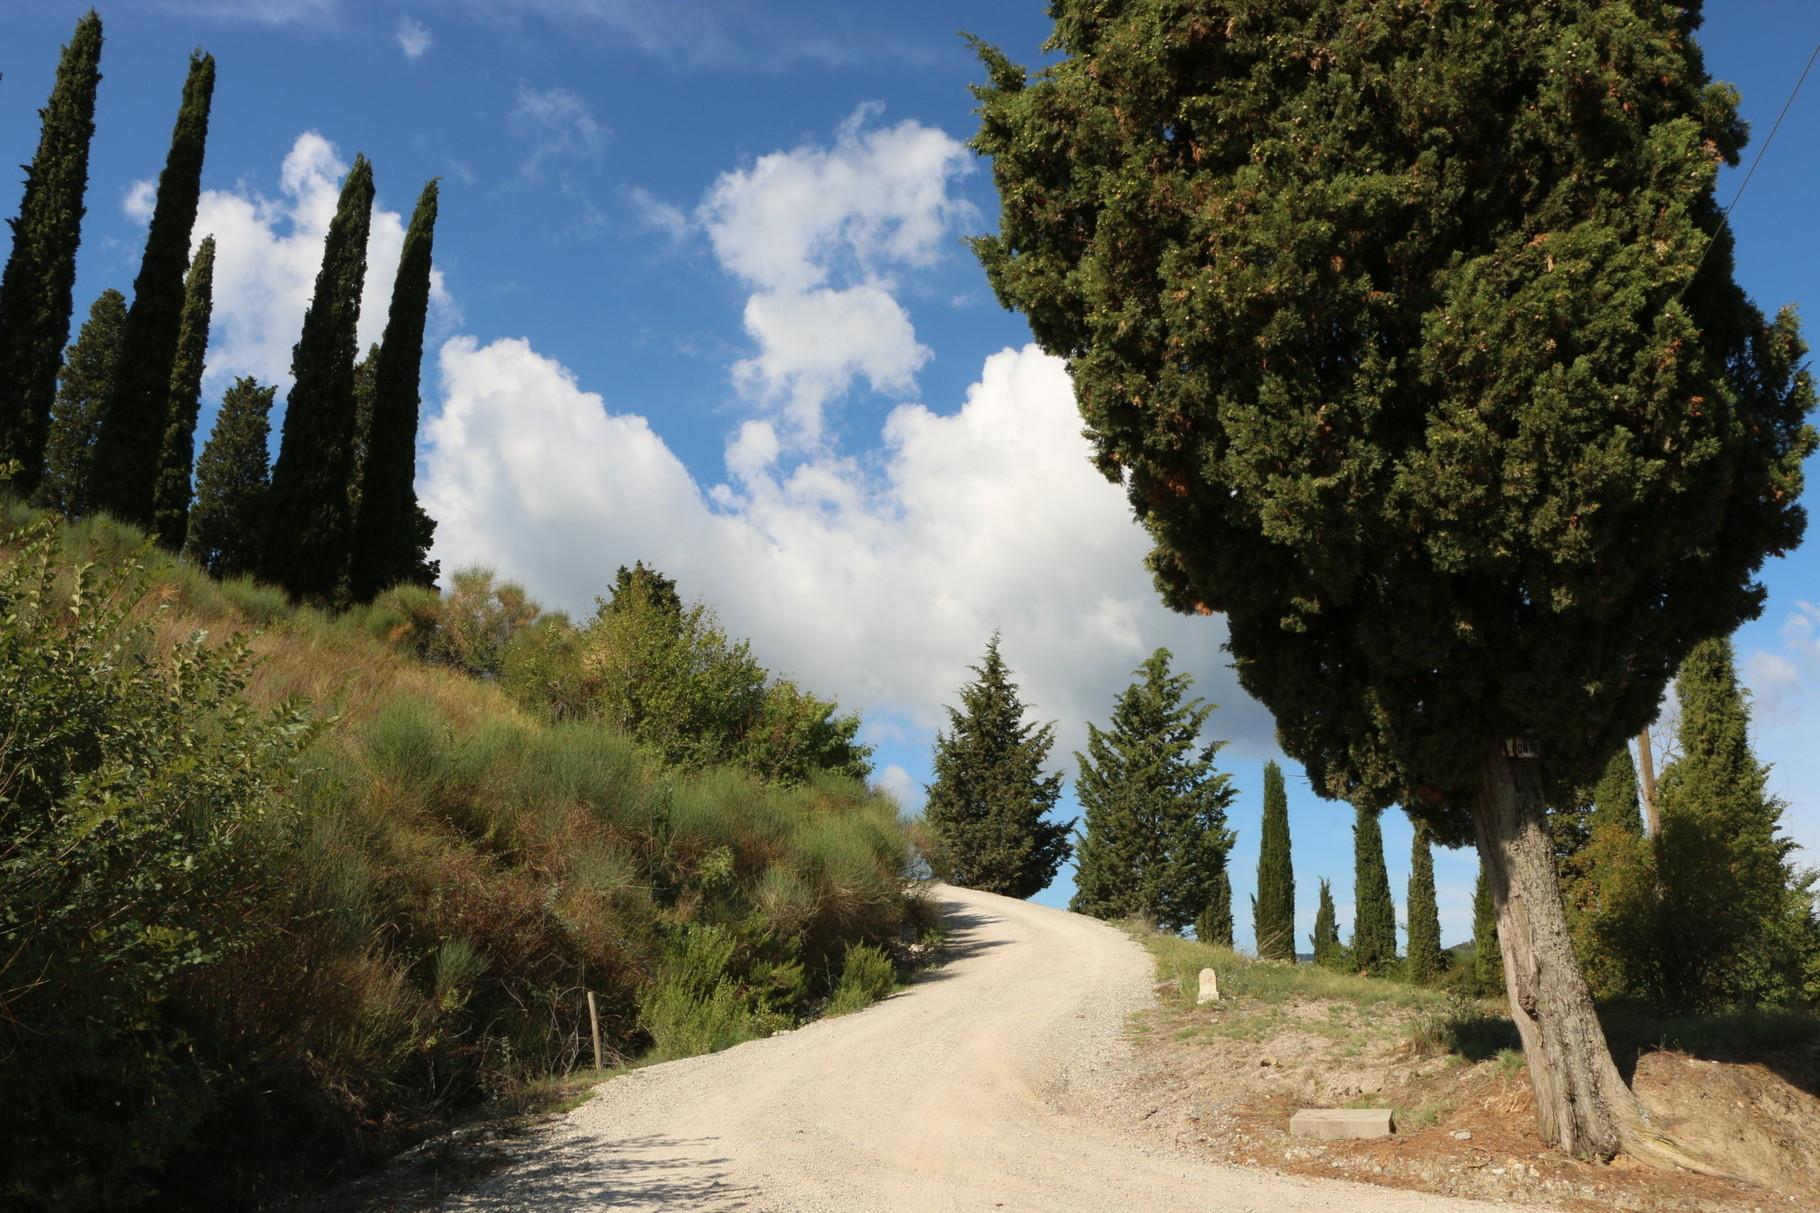 Tappa 29: San Miniato - Gambassi Terme | 24 km